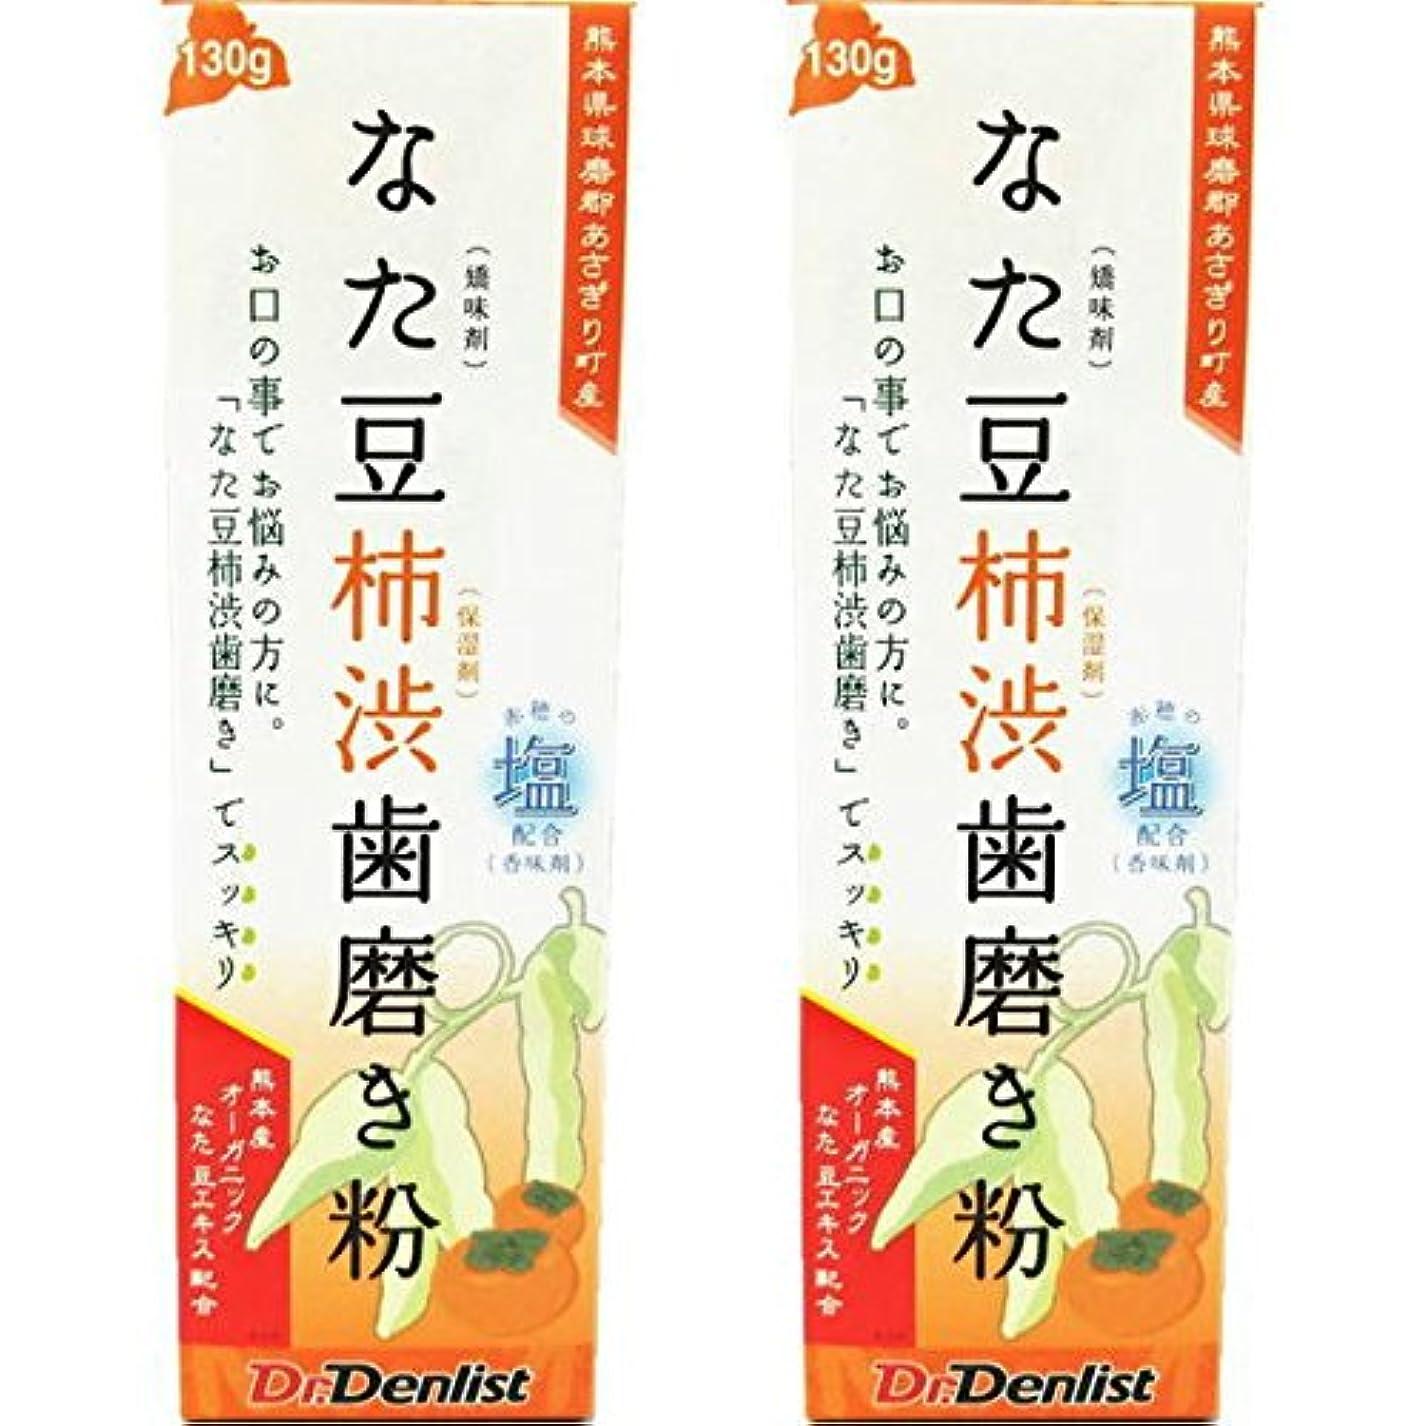 支援モード大工なた豆柿渋歯磨き 130g 2個セット 国産 有機なた豆使用 赤穂の塩配合(香味剤)